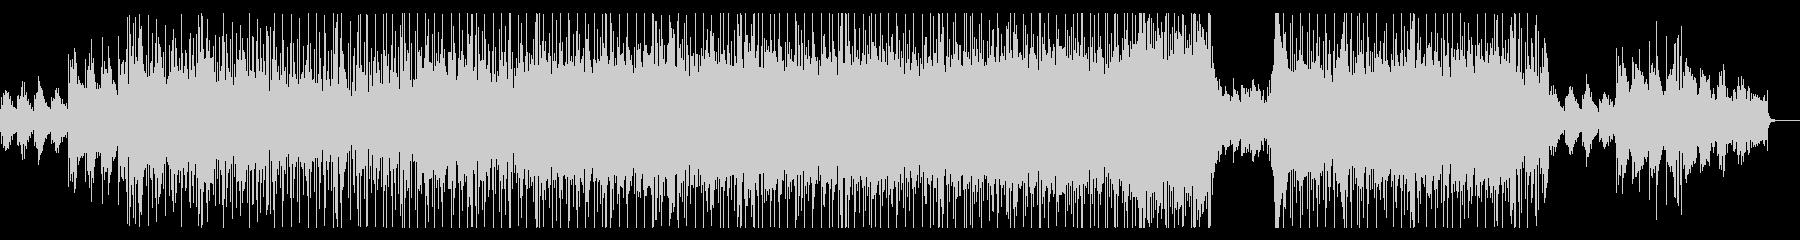 エンディング感のあるメロディアスロックの未再生の波形